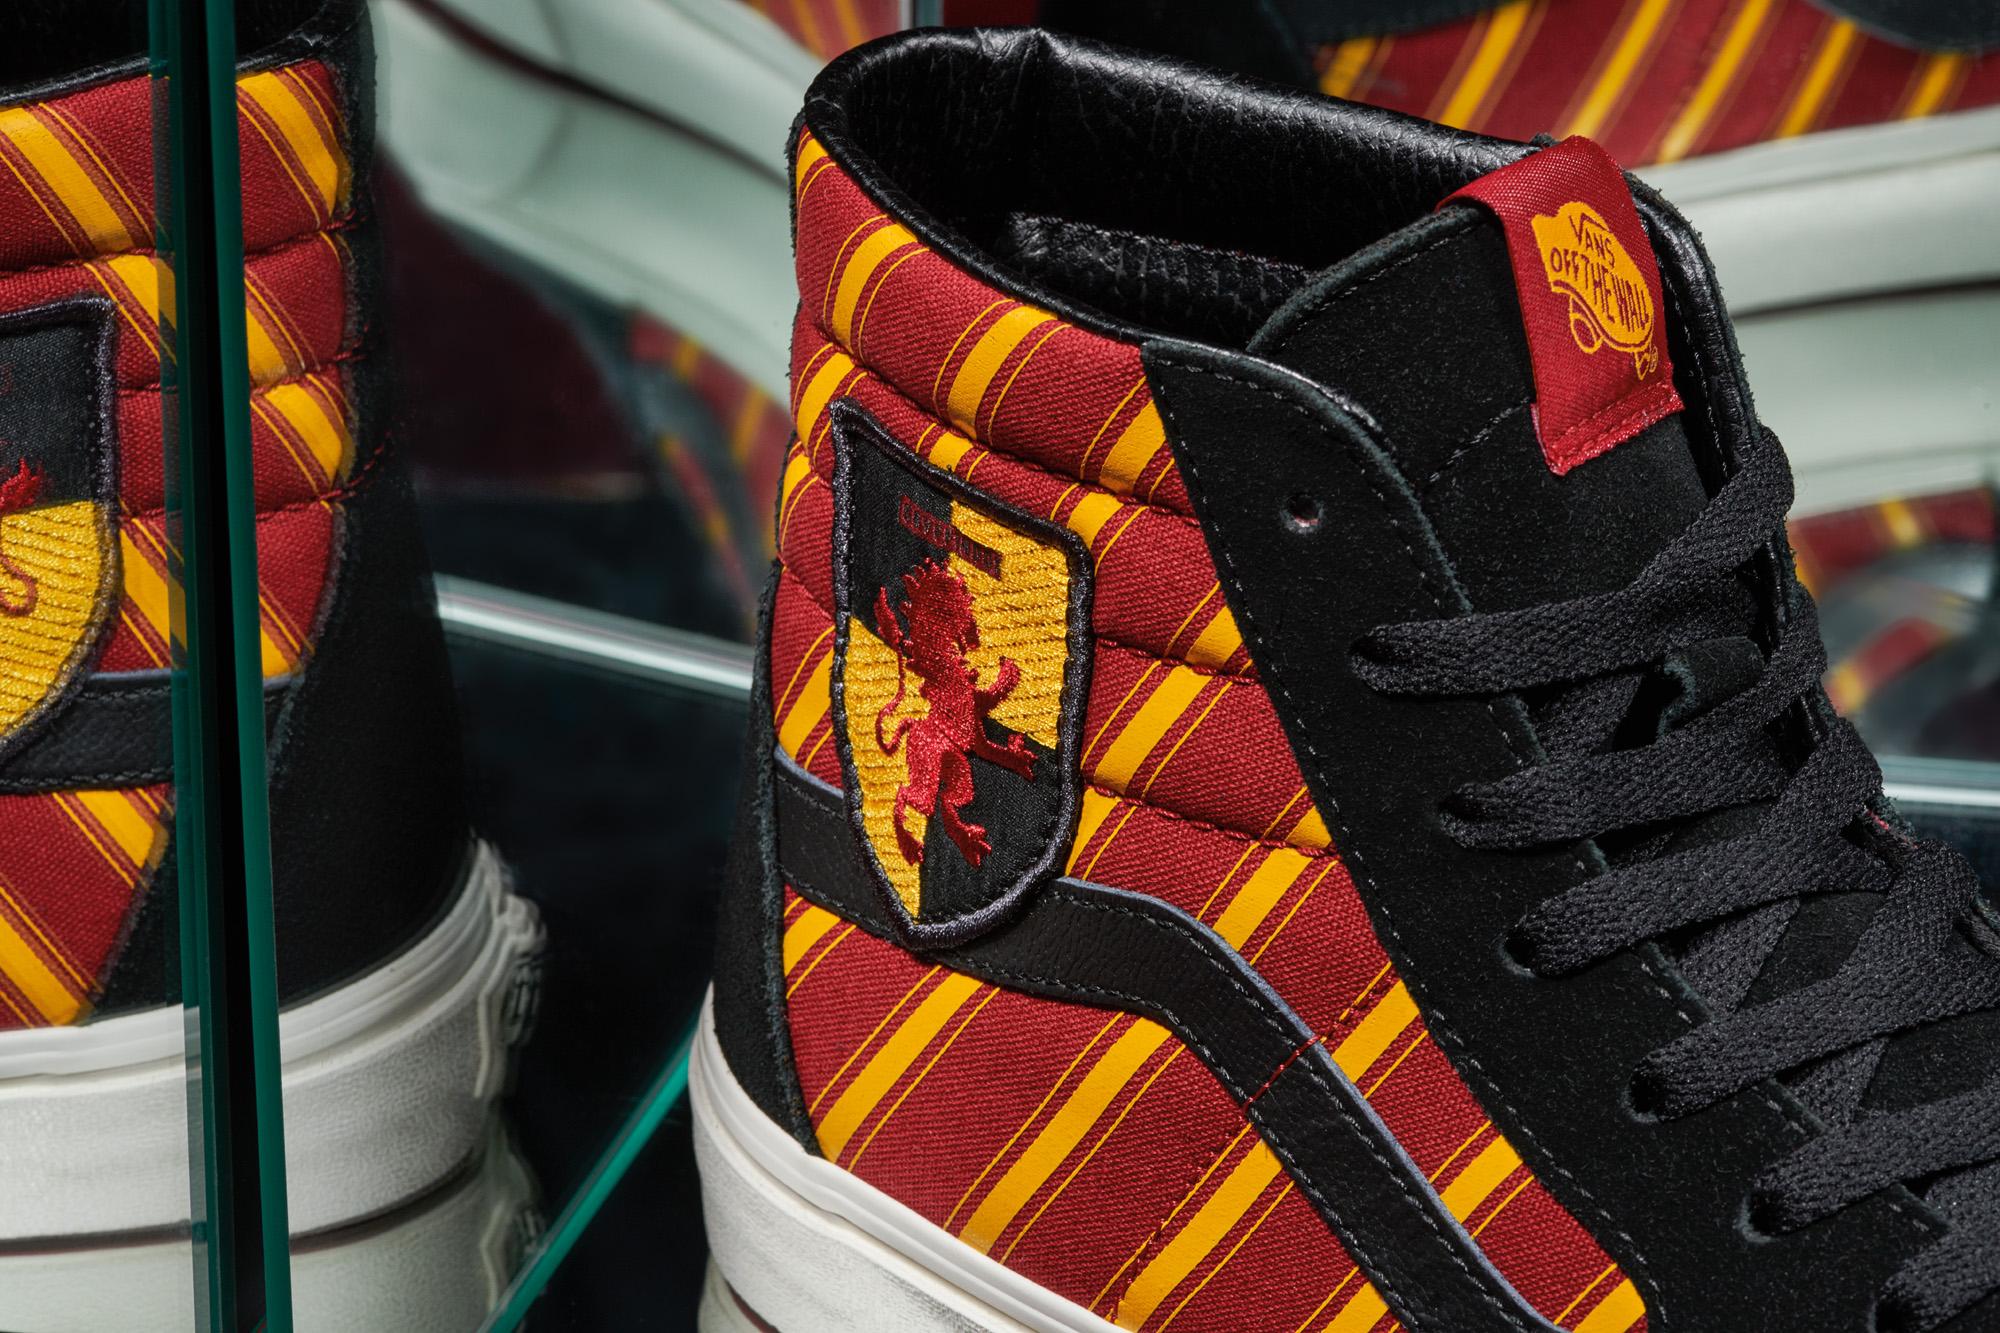 Vans x Harry Potter Gryffindor House